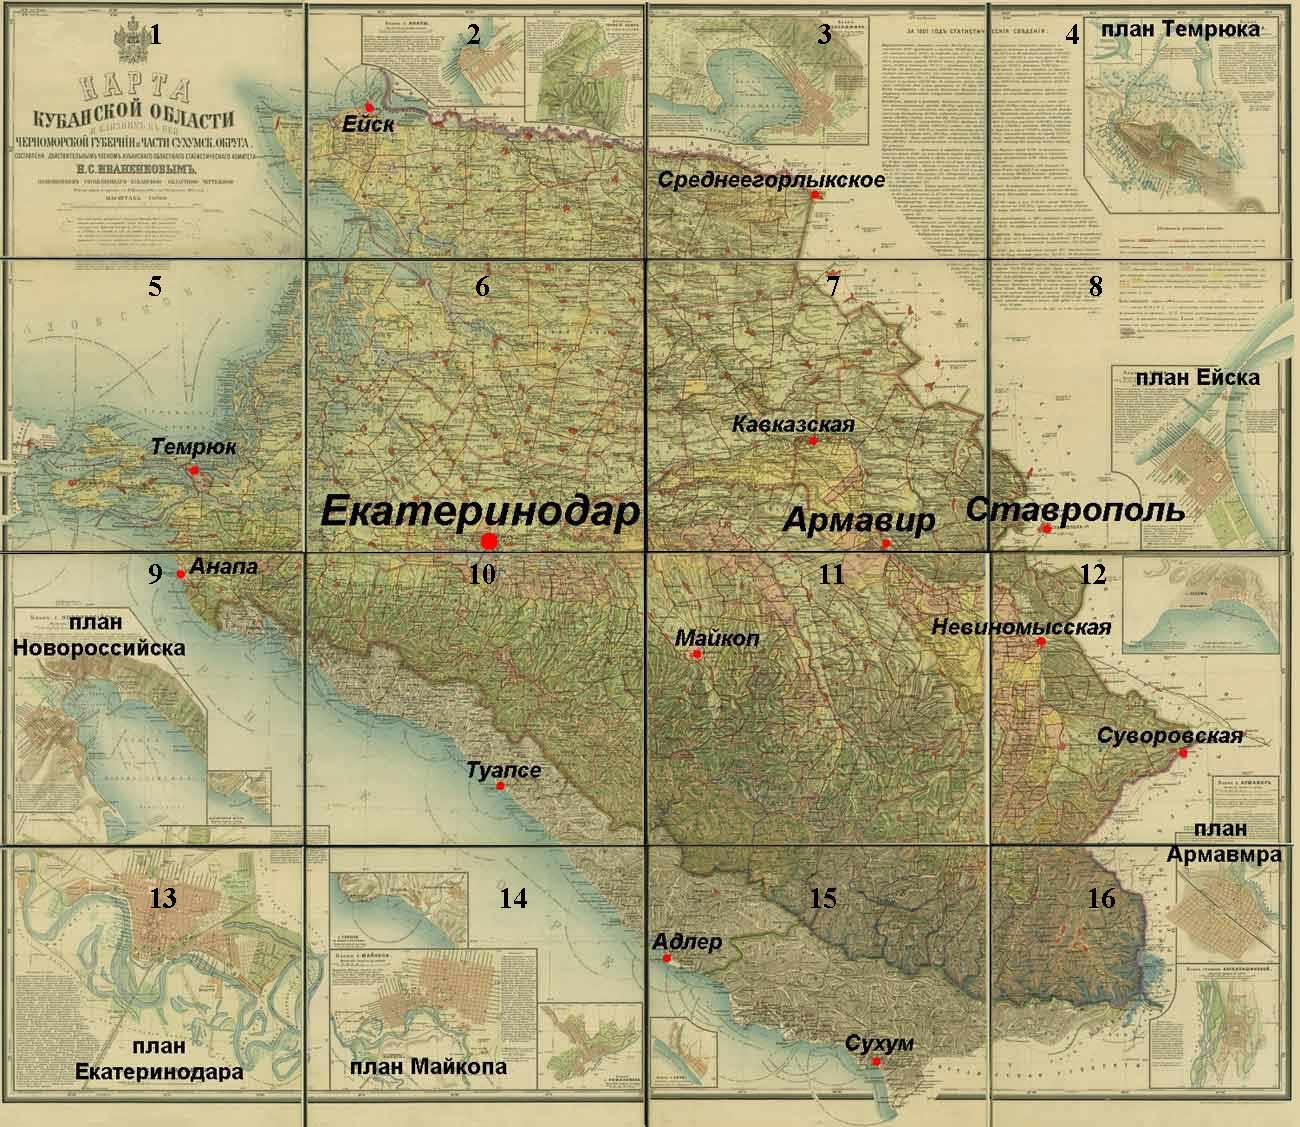 Старинные карты краснодарского края - народный копатель: кла.